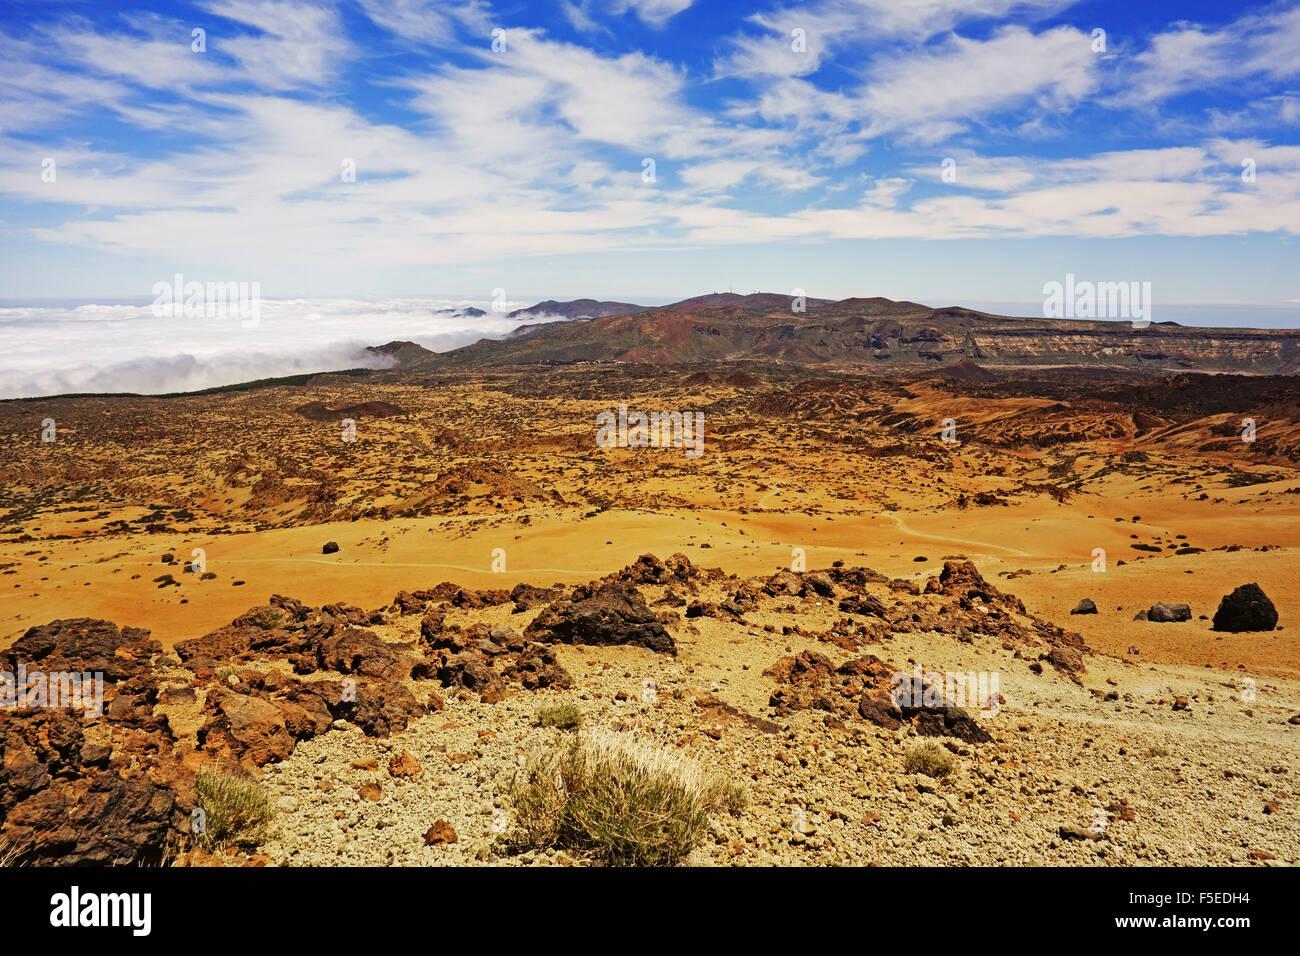 Las Canadas, Parque Nacional del Teide, Teneriffa, Kanarische Inseln, Spanien, Atlantik, EuropaStockfoto